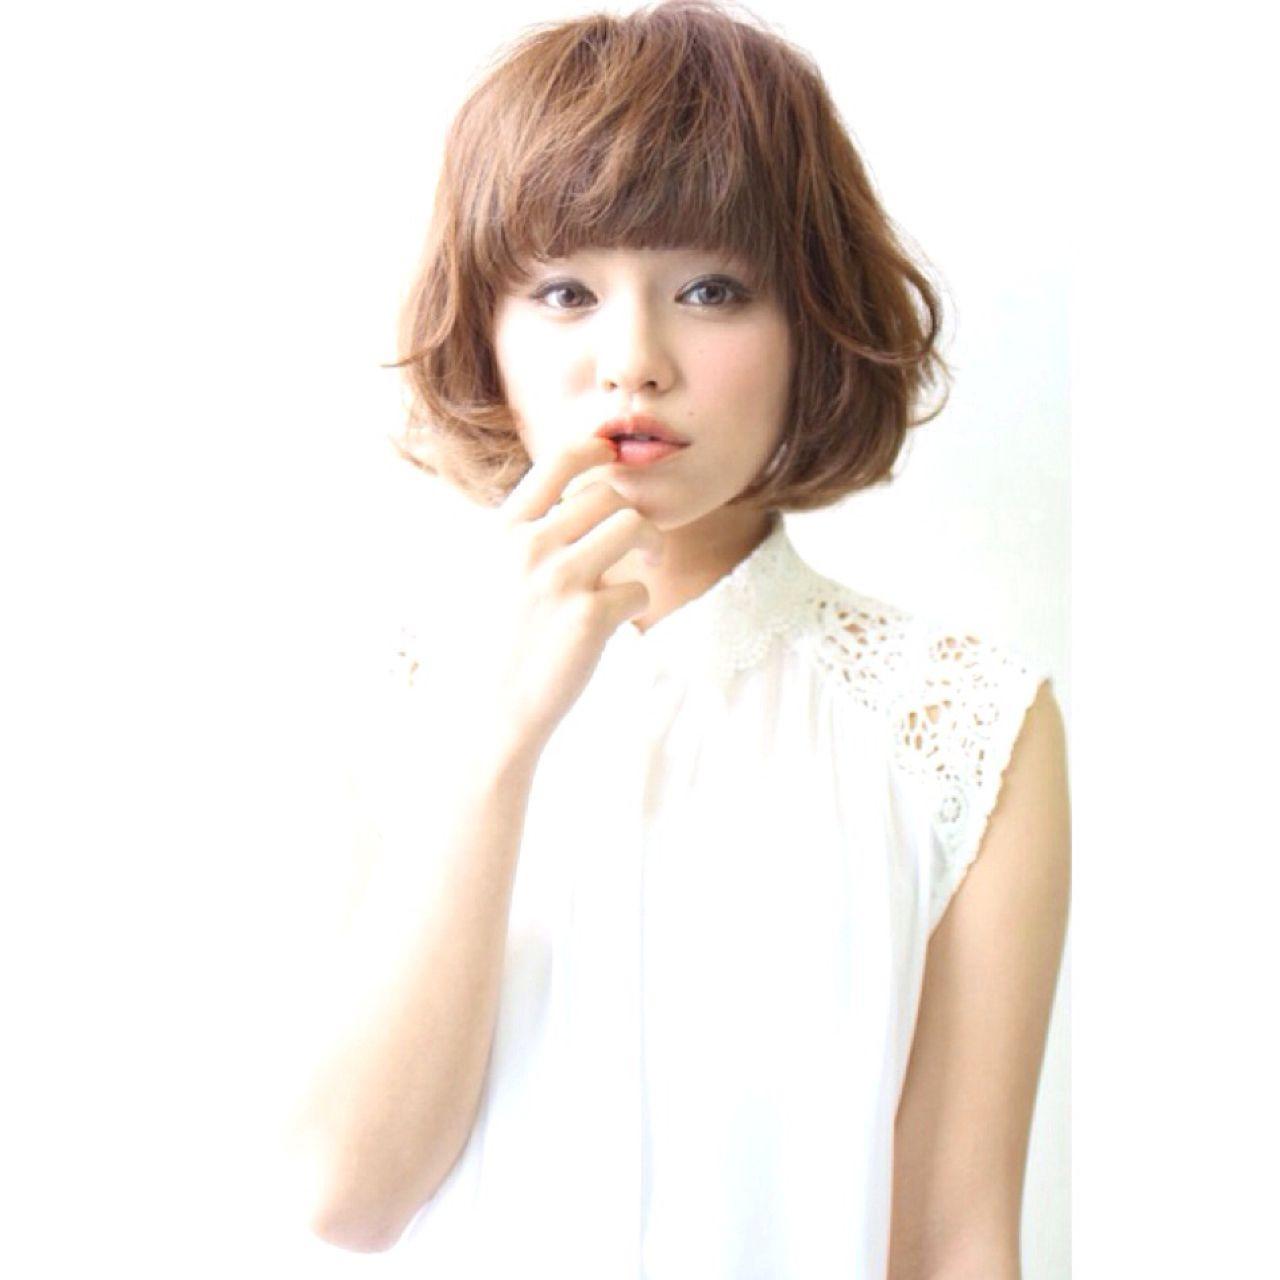 かわいい子はやっている♡ふんわり前髪の作り方と崩れない方法 田中 誠二